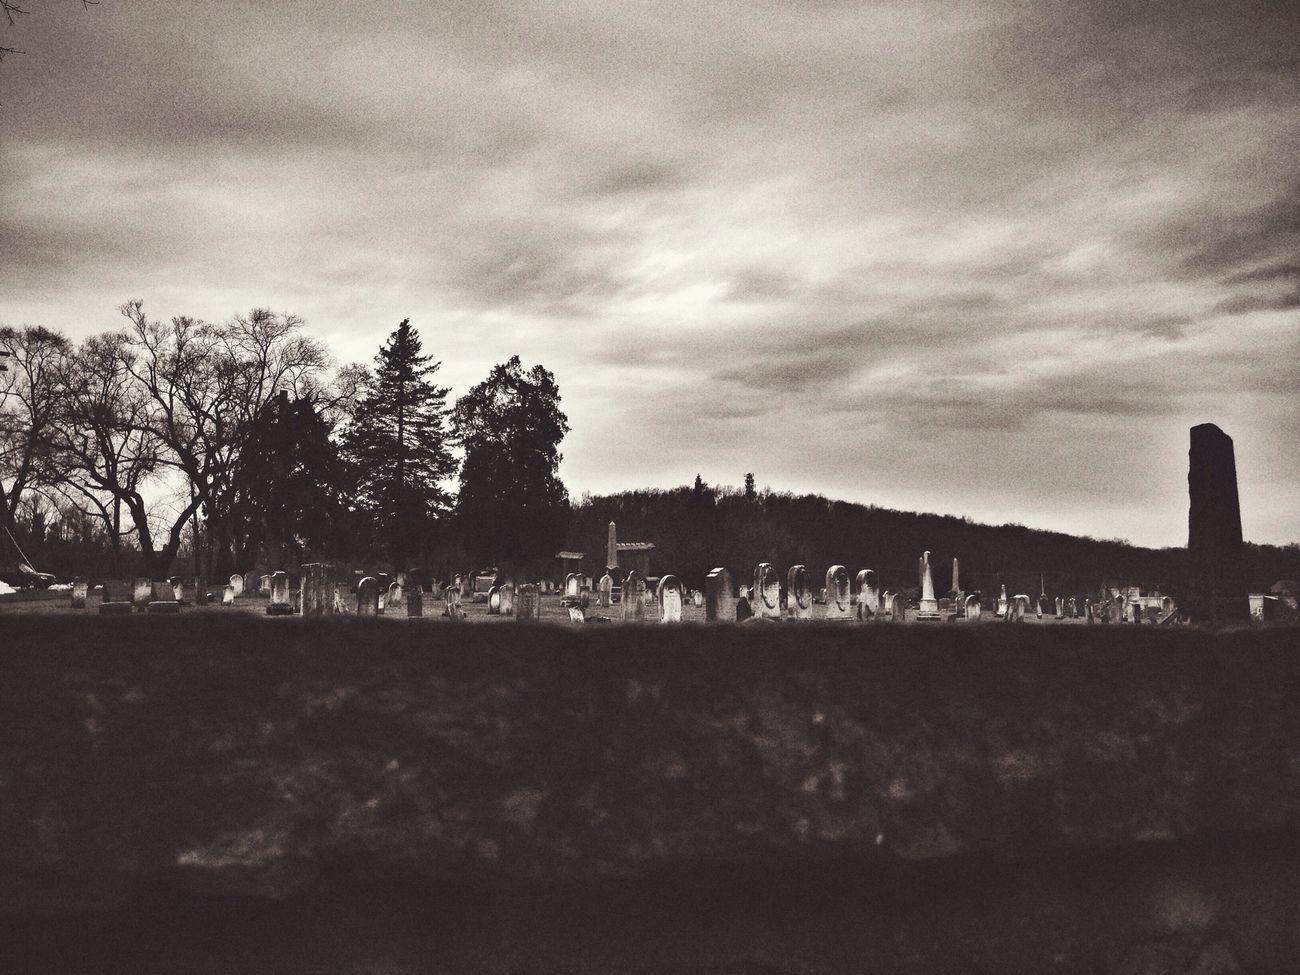 Cemetery Vscocam Noir